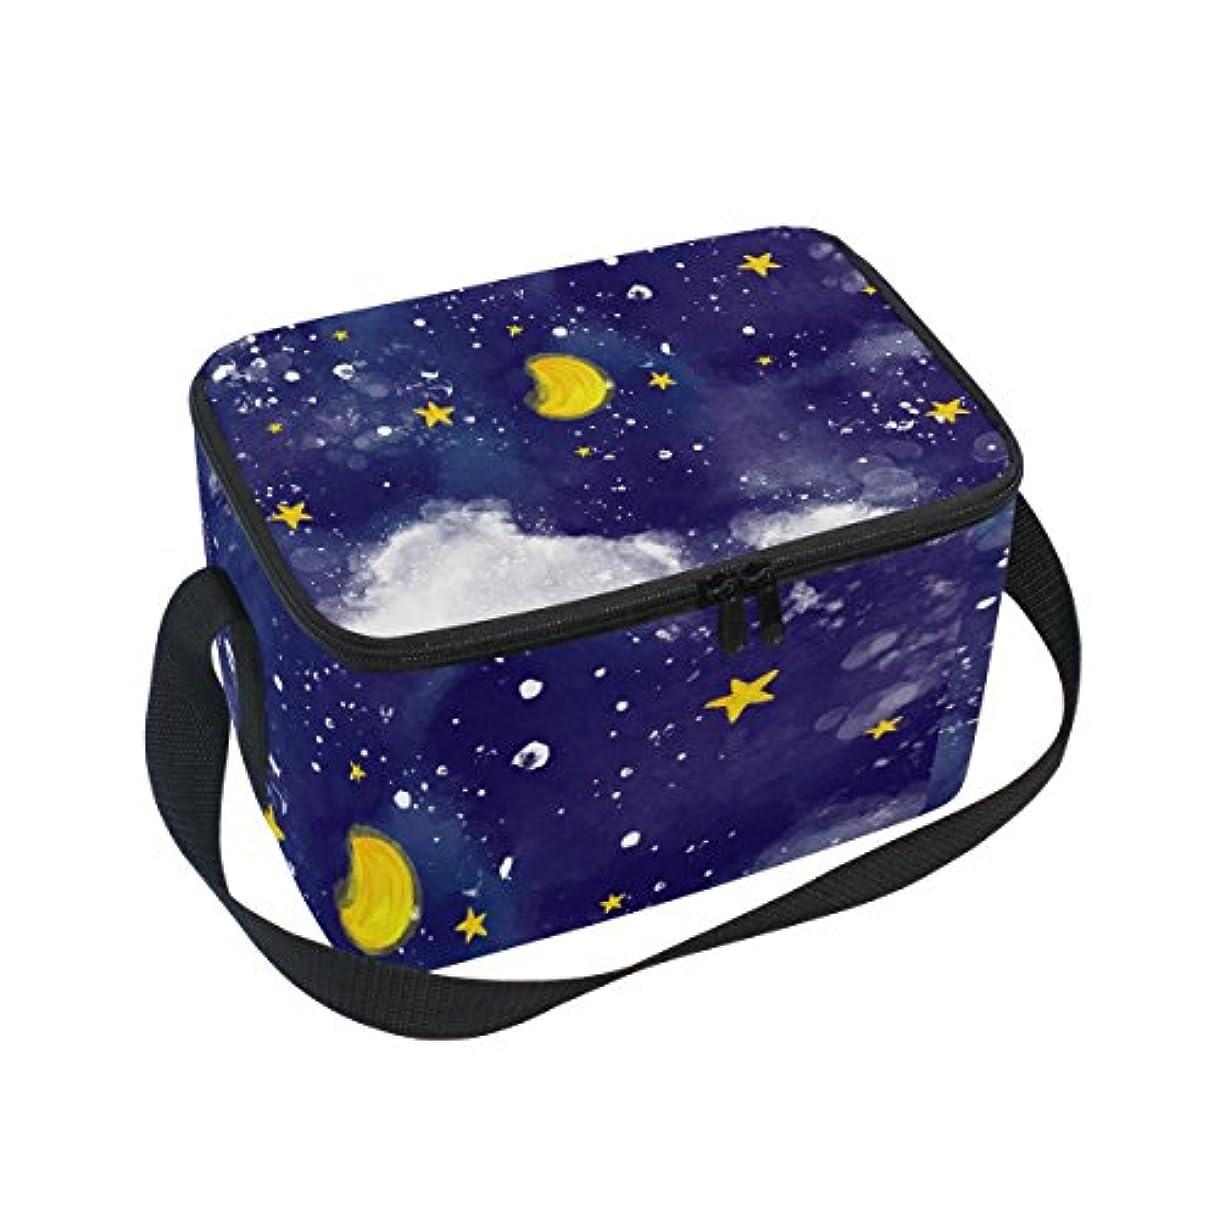 回転させる類推土クーラーバッグ クーラーボックス ソフトクーラ 冷蔵ボックス キャンプ用品 油絵 月と星 保冷保温 大容量 肩掛け お花見 アウトドア